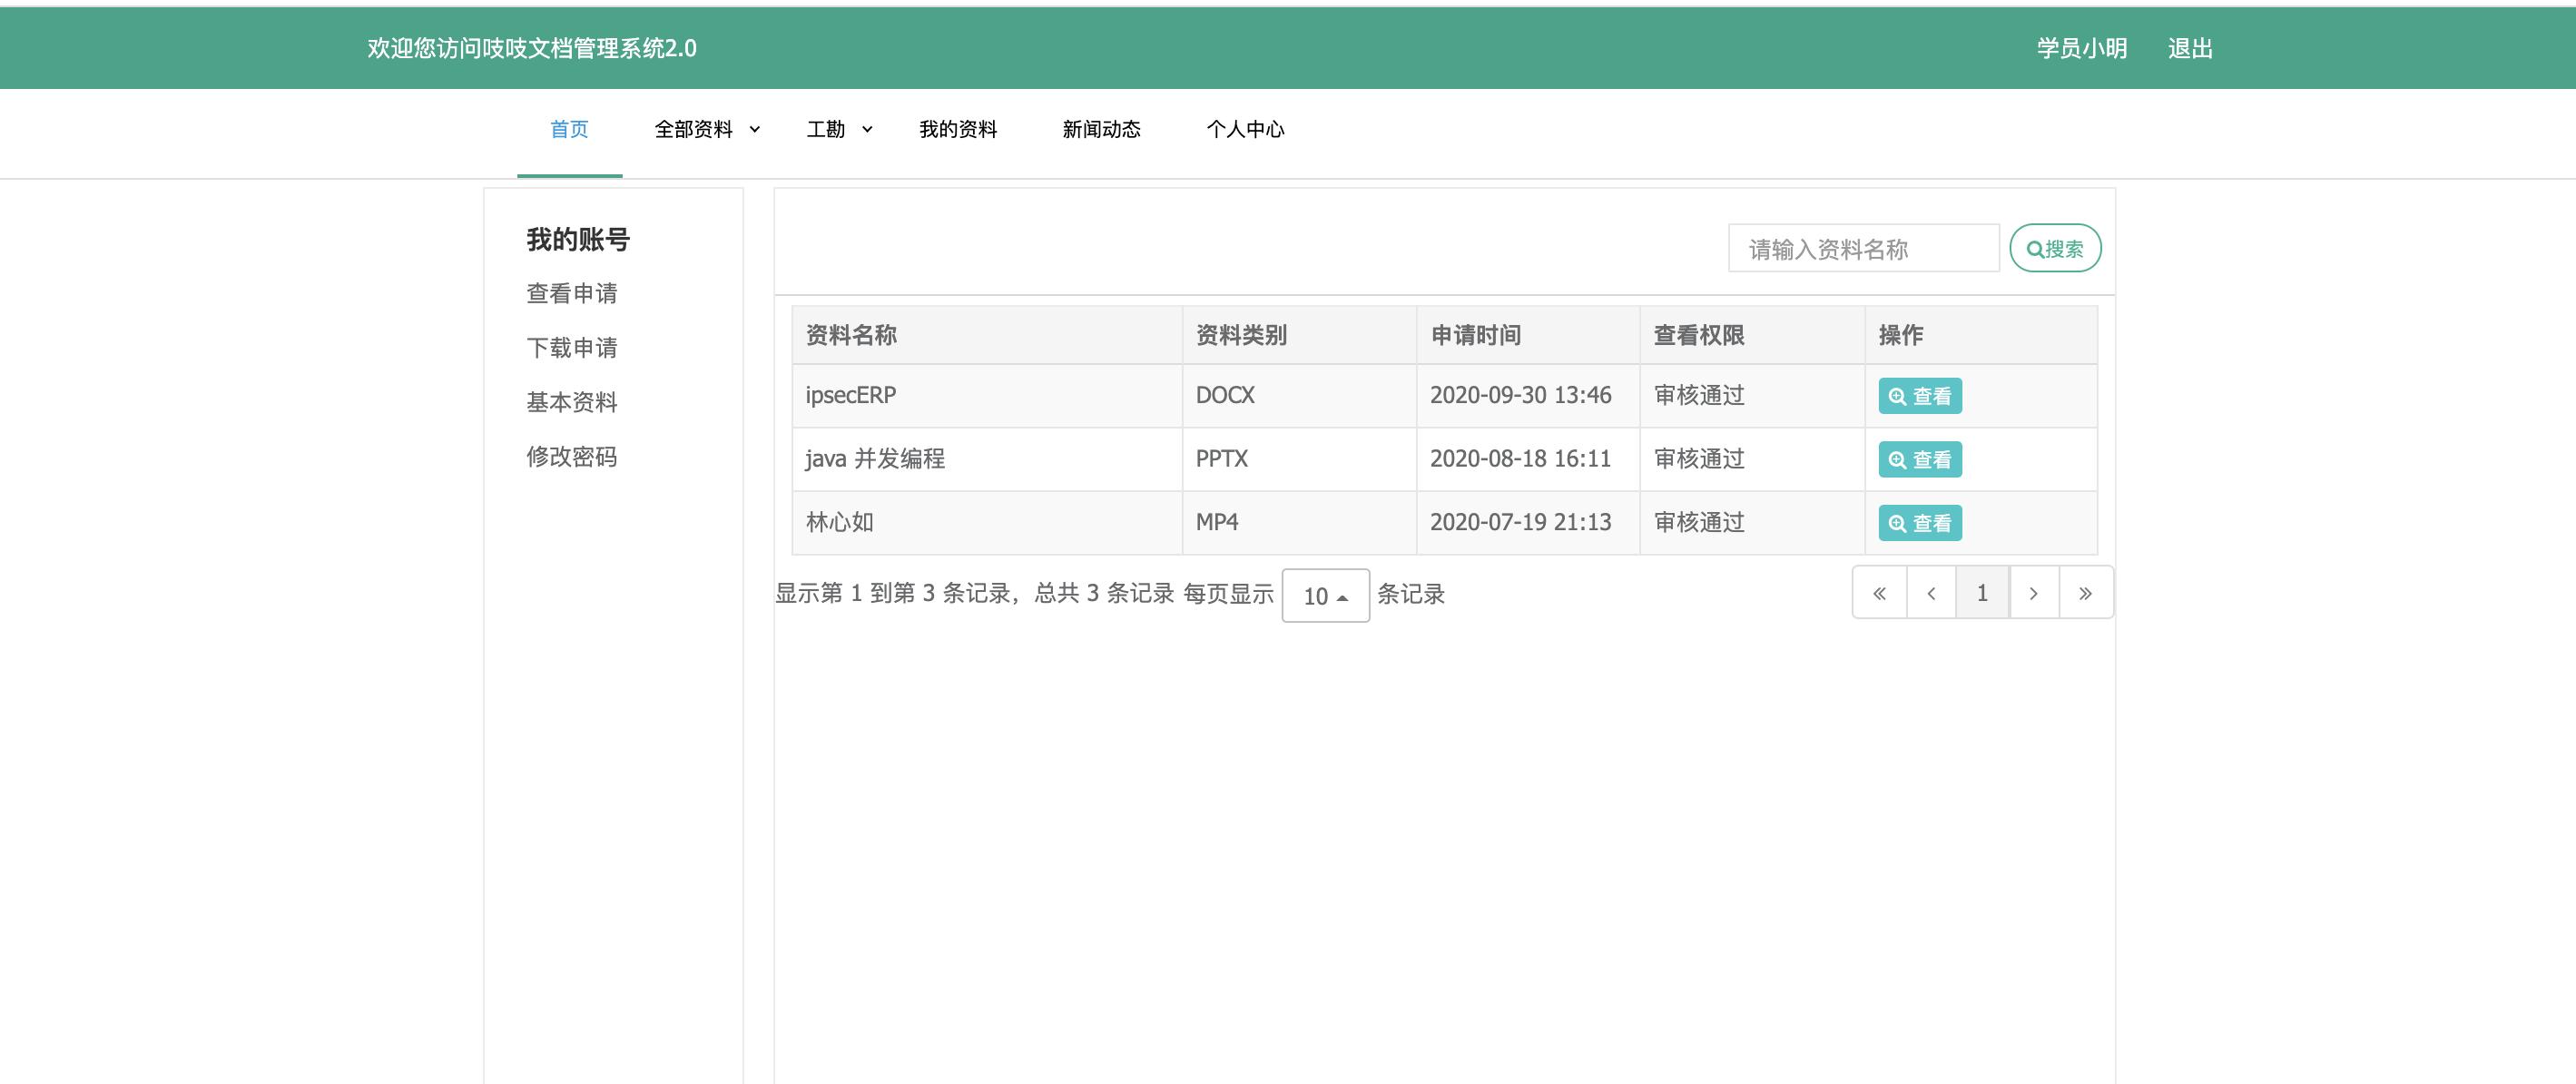 企业文档资料库知识库合同吱吱文档管理系统企业软件开发基础版